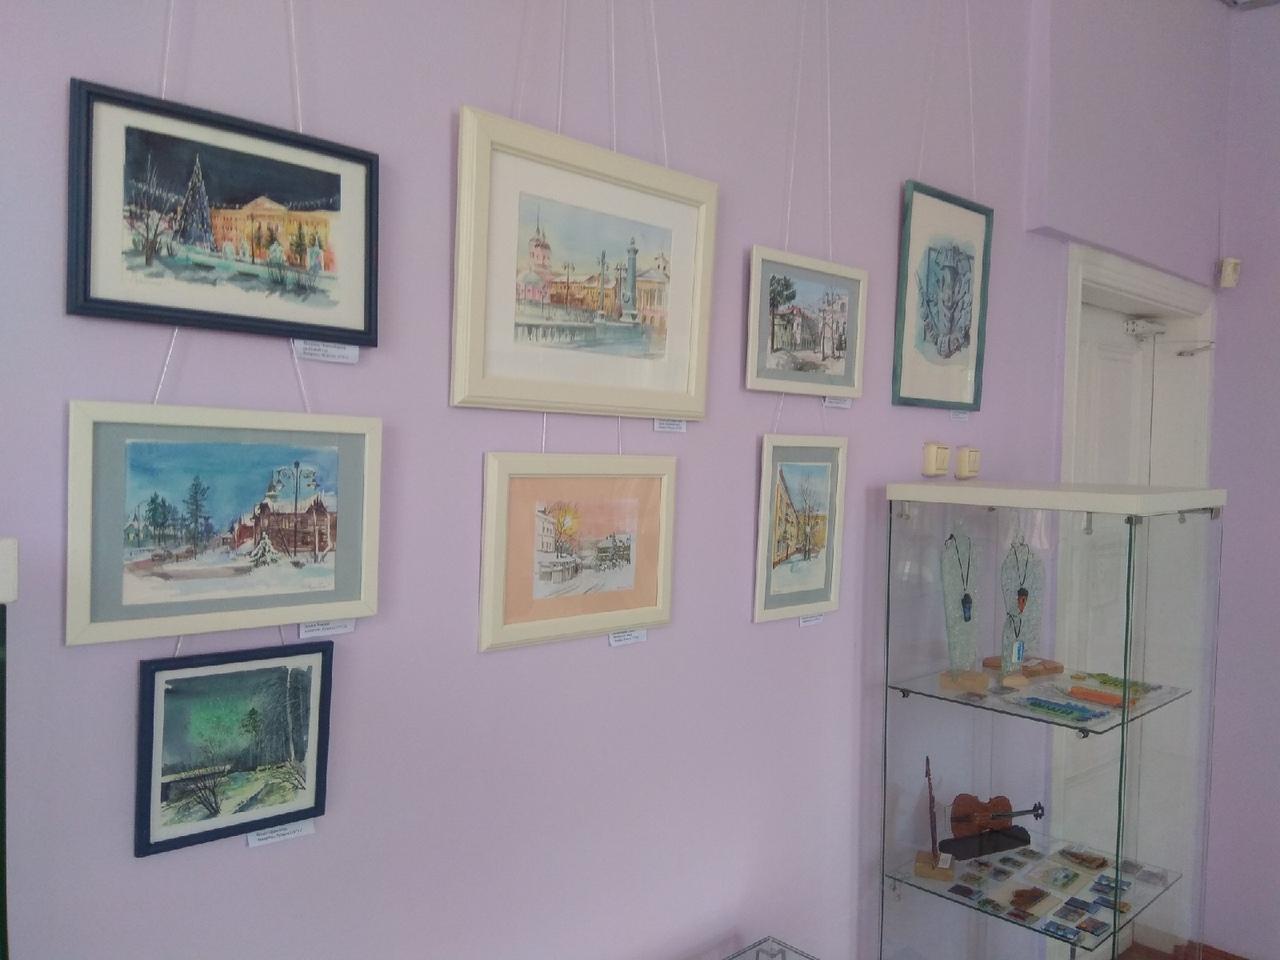 Изделия из стекла «На грани фантазии» и «Городские пейзажи» Галины Сорокиной в Доме искусств